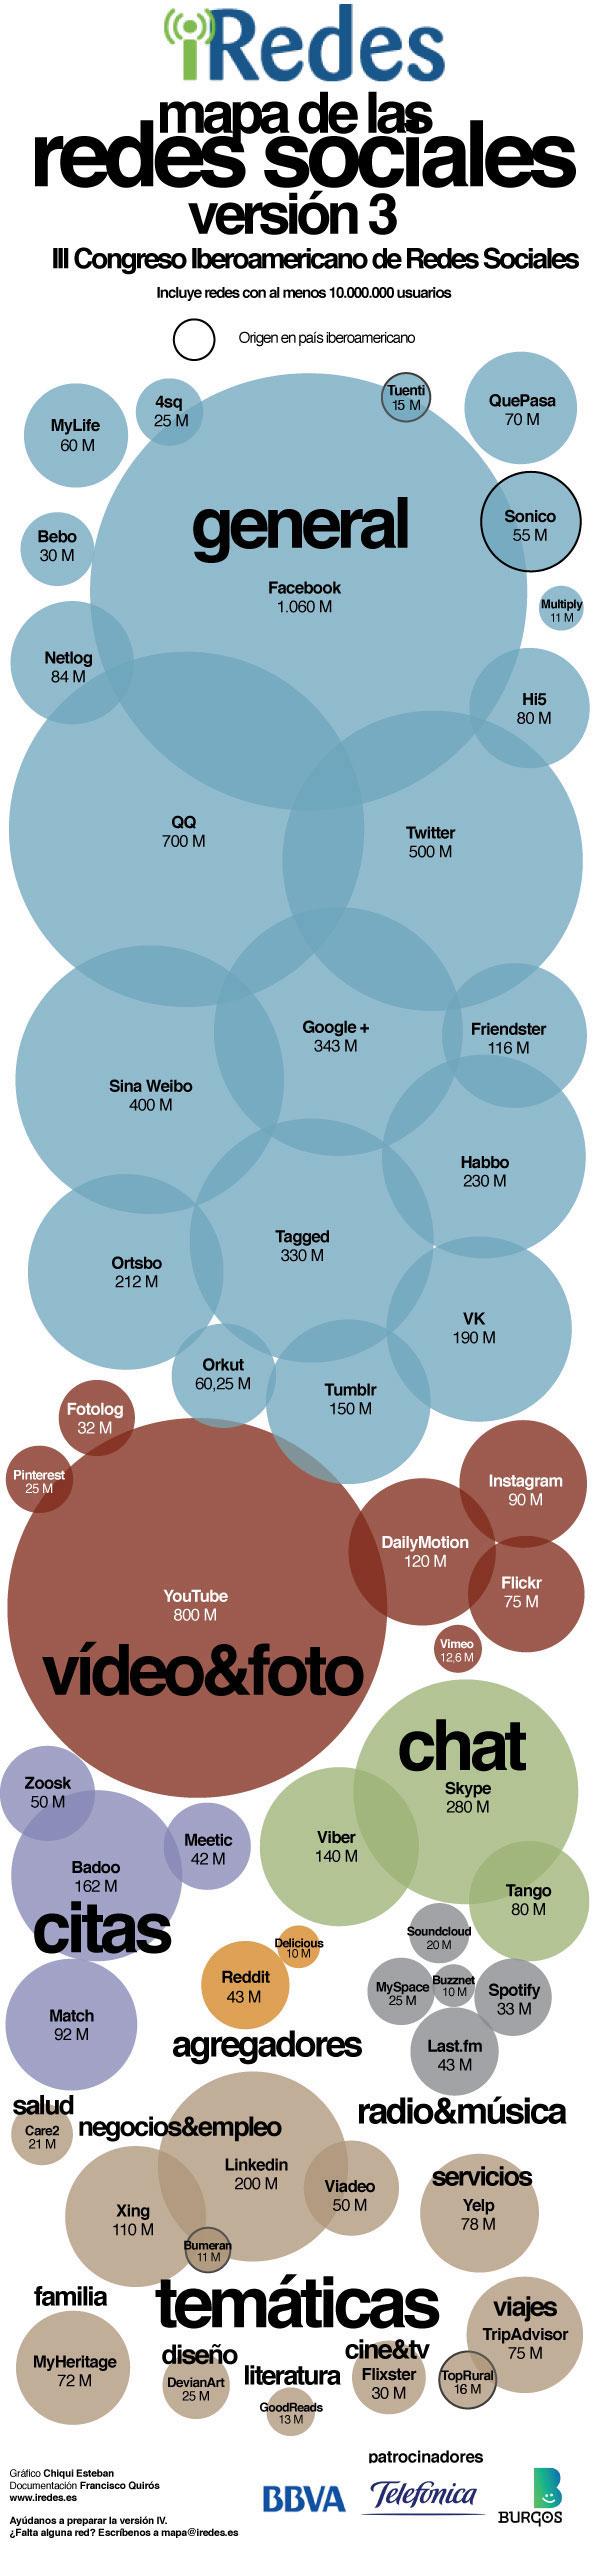 III versión del mapa de redes sociales de iRedes